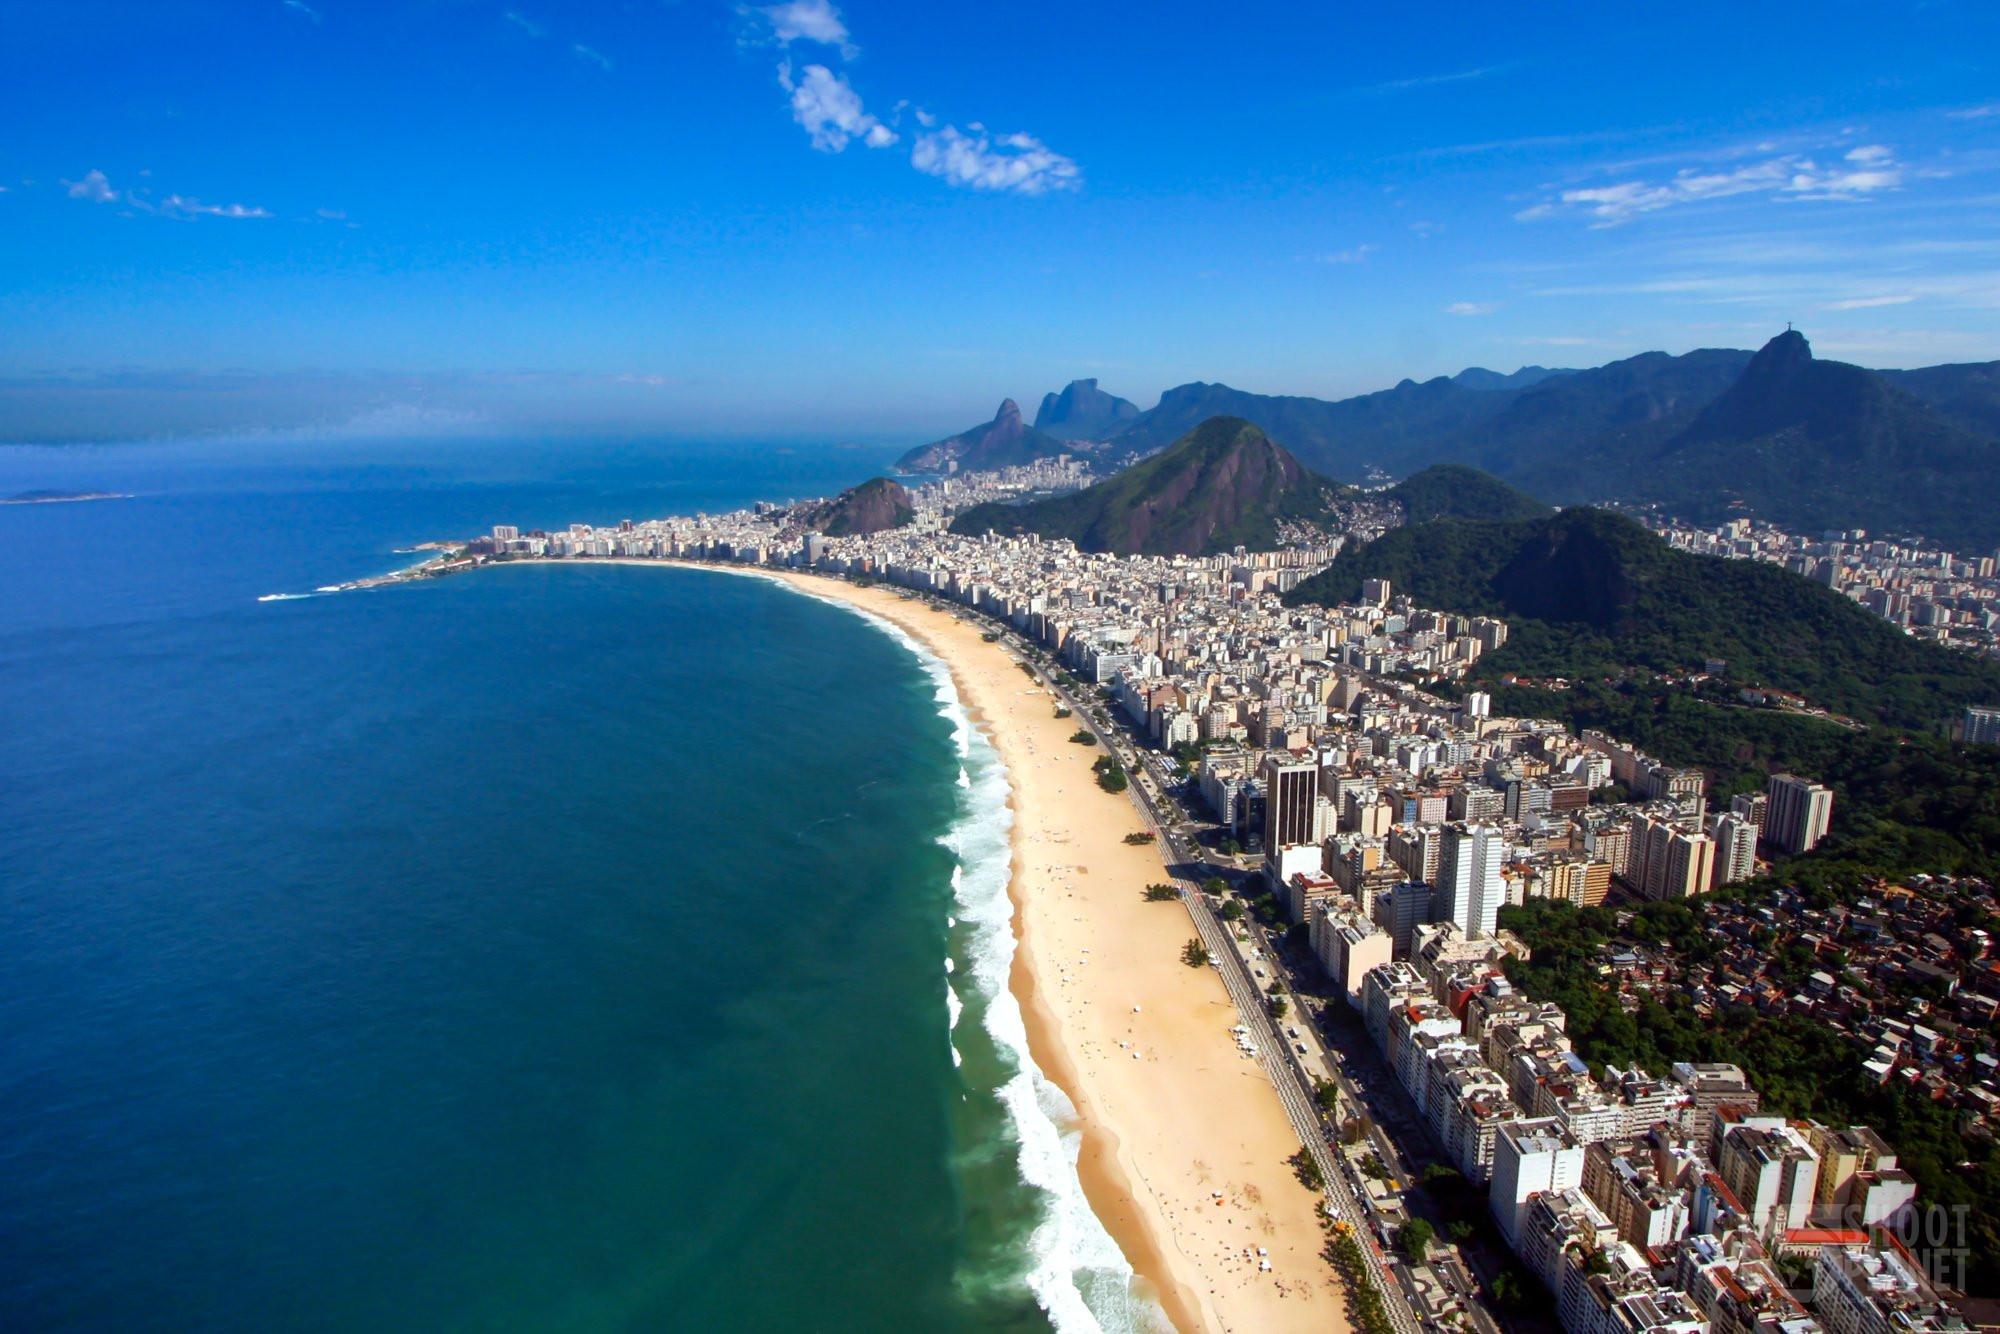 Copacabana Beach aerial view, Rio de Janeiro